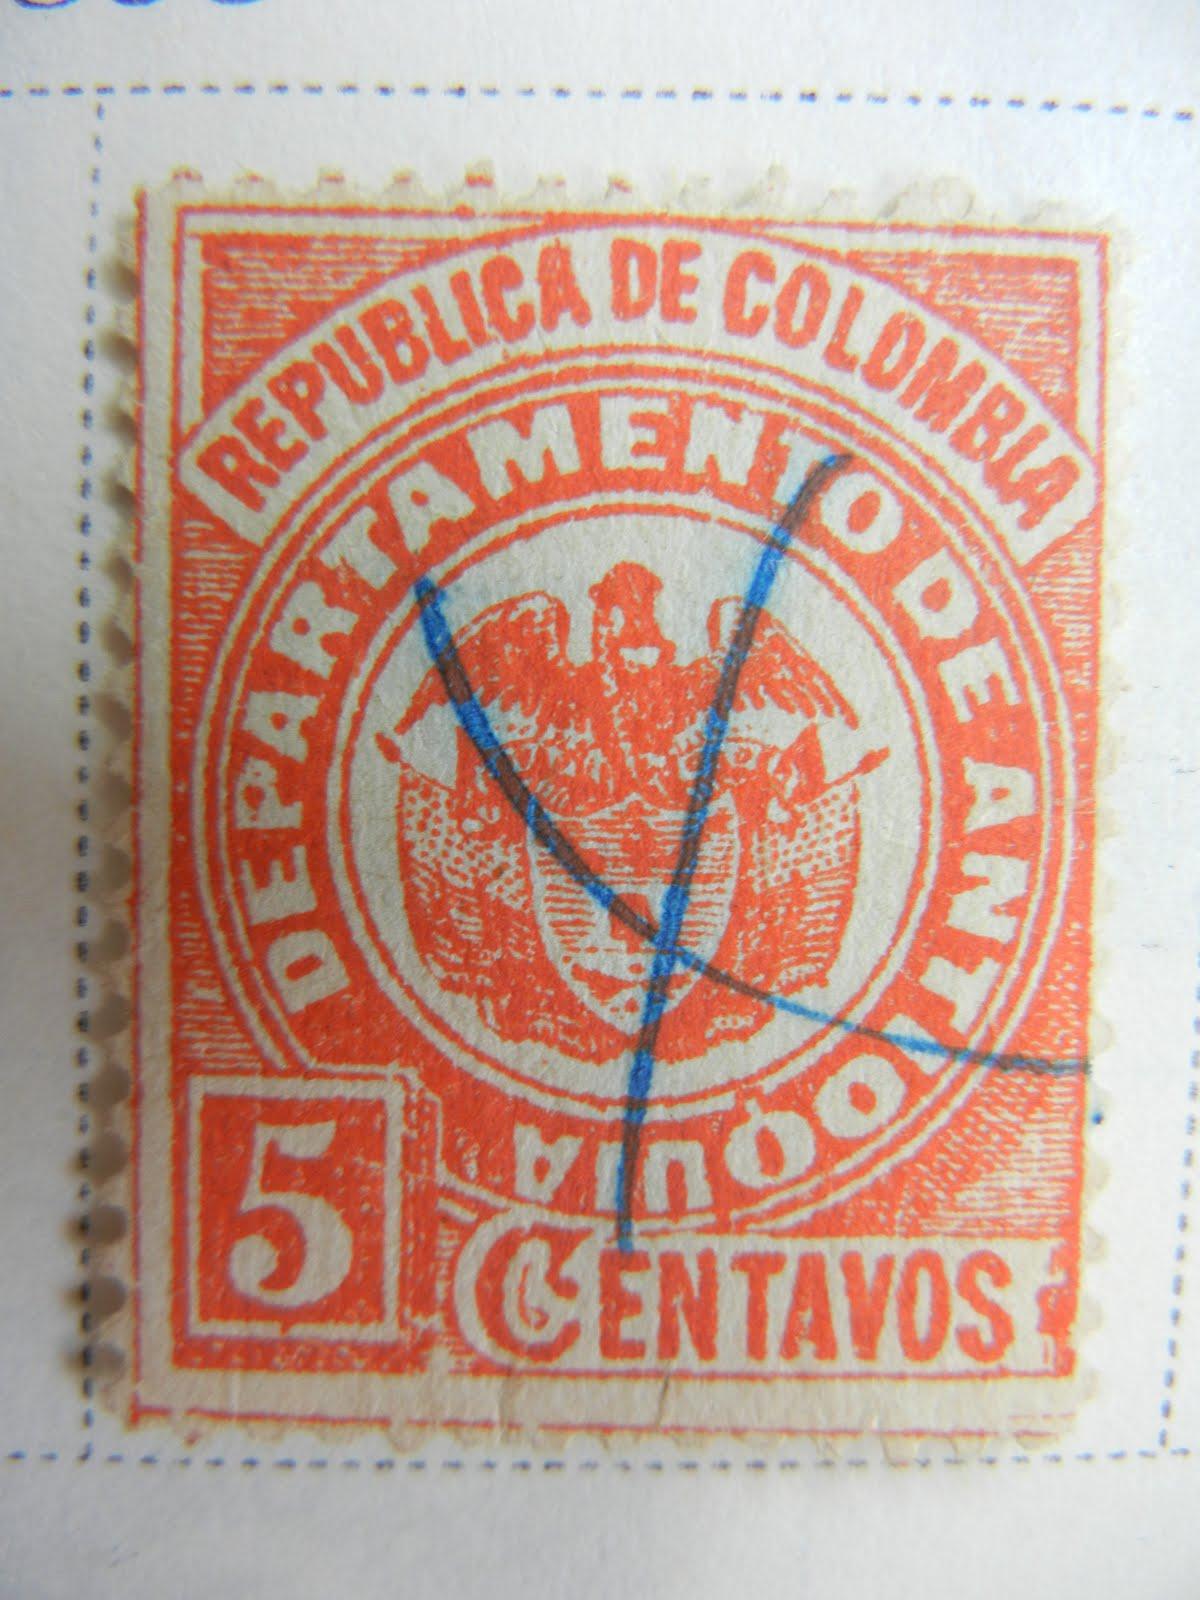 el manicomio 1940 1950 medellín colombia